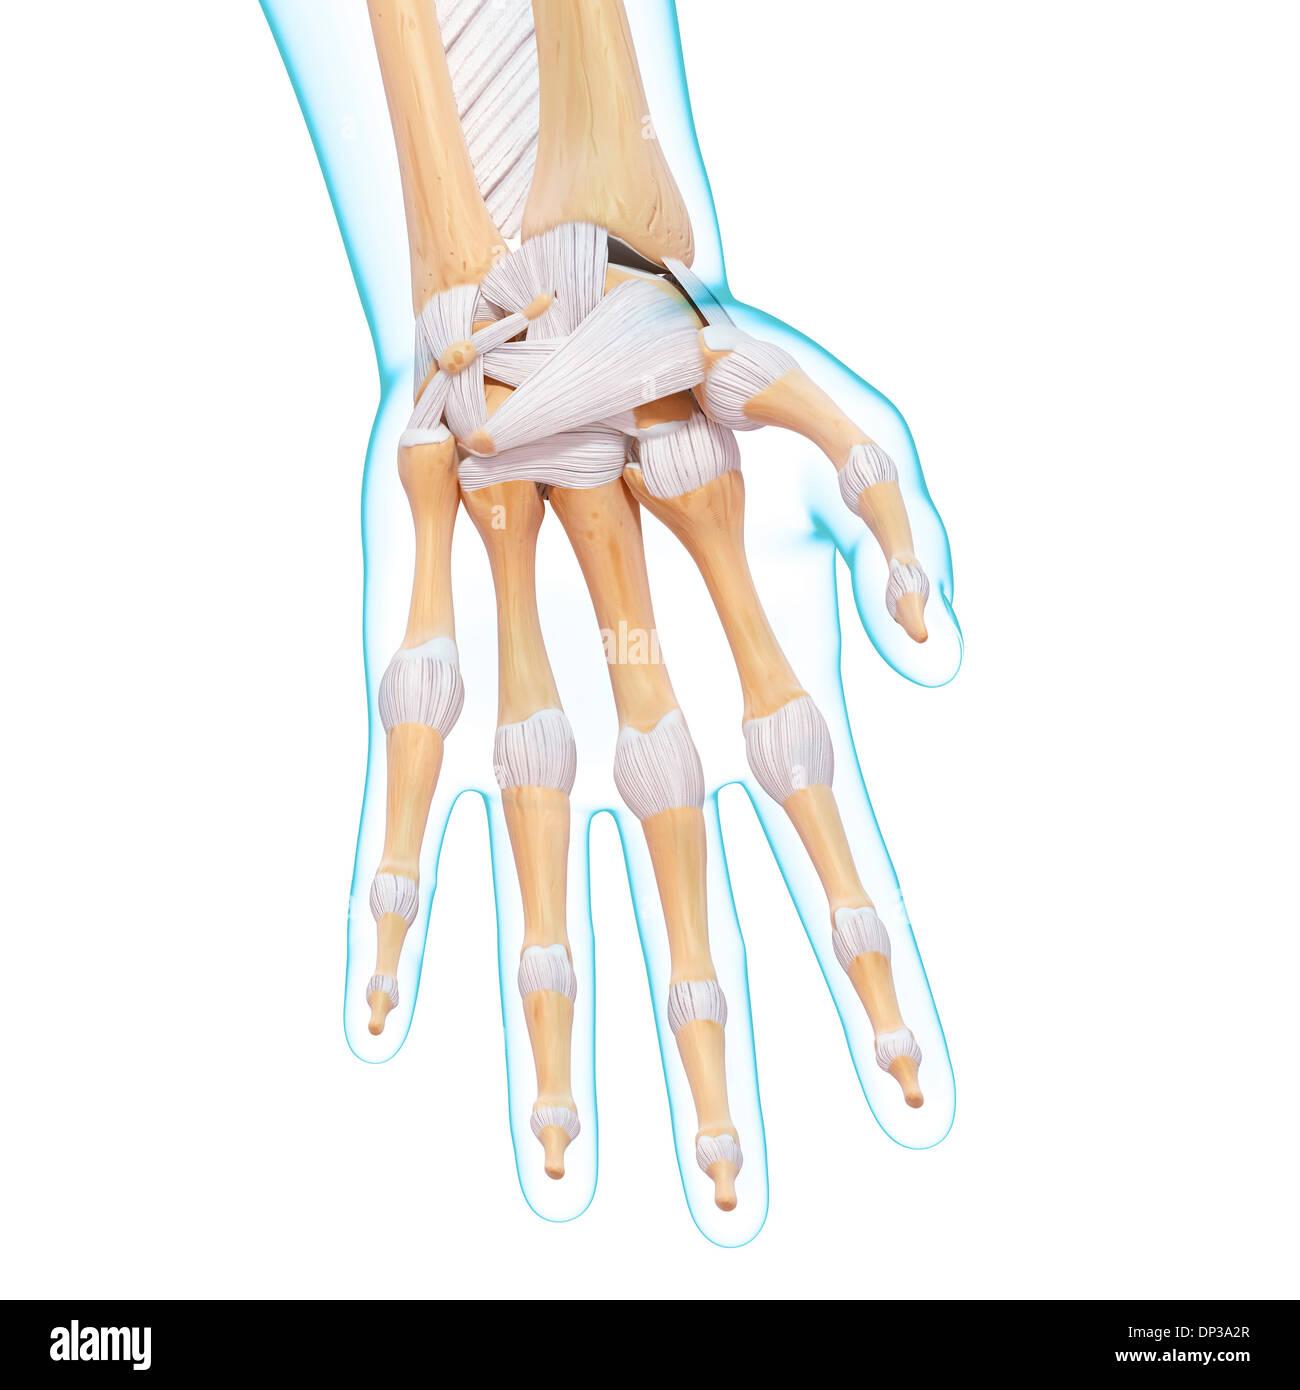 Ziemlich Hand Und Handgelenk Knochen Anatomie Ideen - Menschliche ...